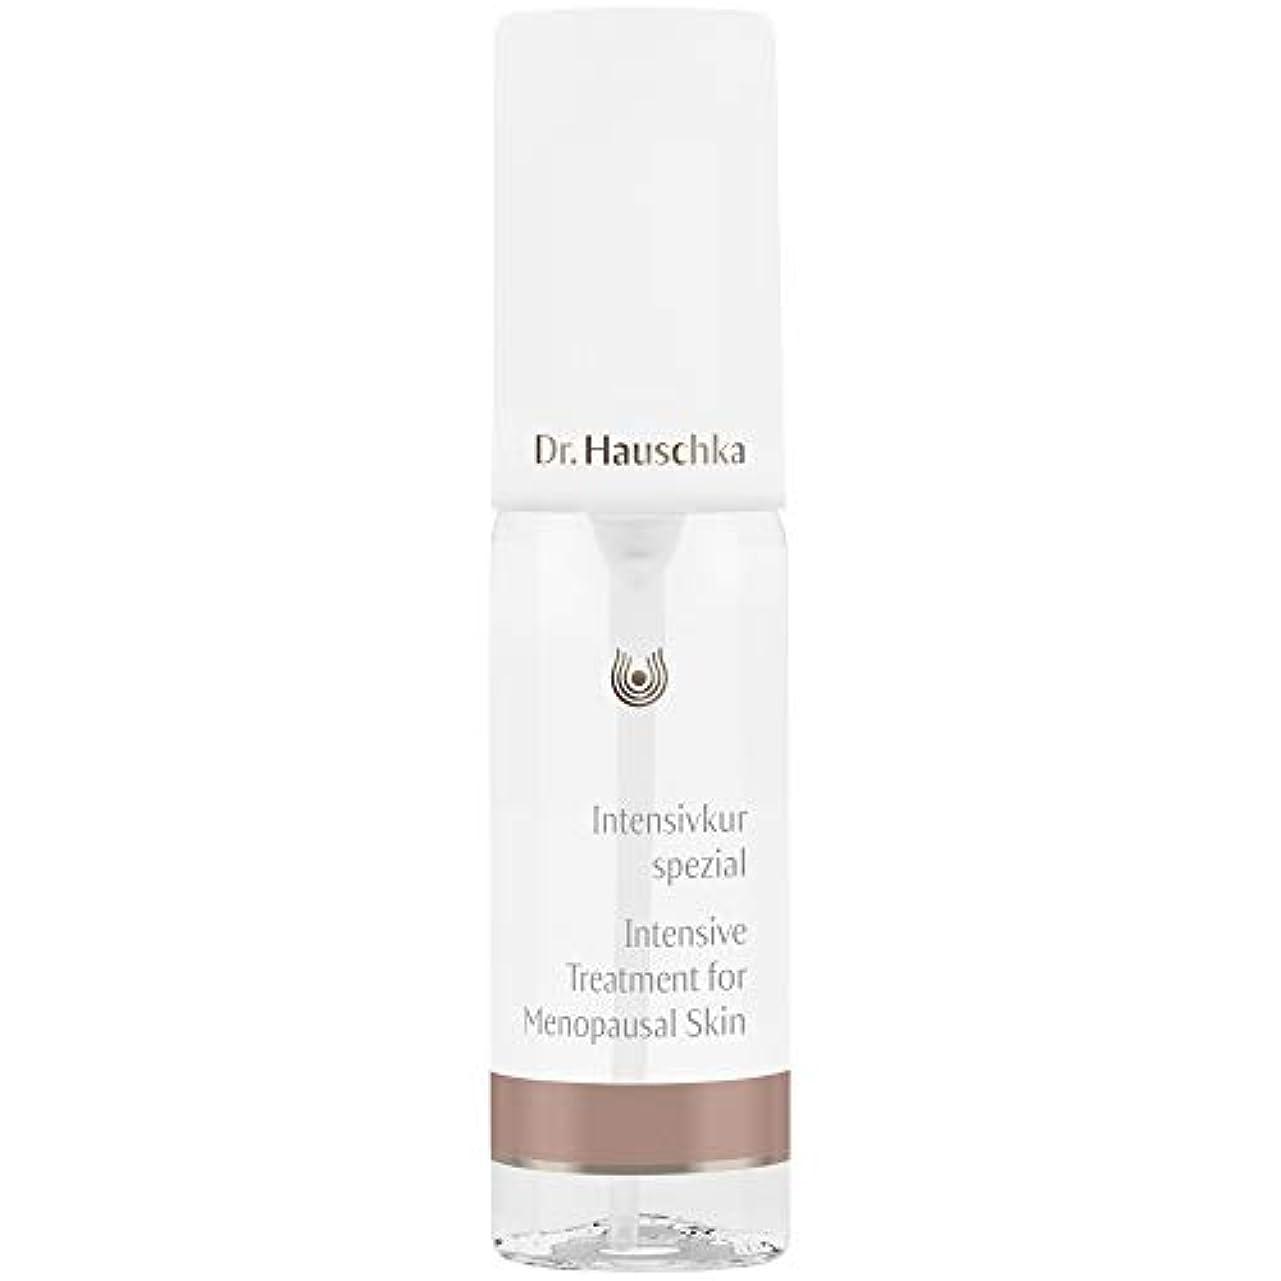 フィードオン価格付き添い人[Dr Hauschka] 更年期の皮膚05 40ミリリットルのためのDrハウシュカ集中治療 - Dr Hauschka Intensive Treatment for Menopausal Skin 05 40ml [...